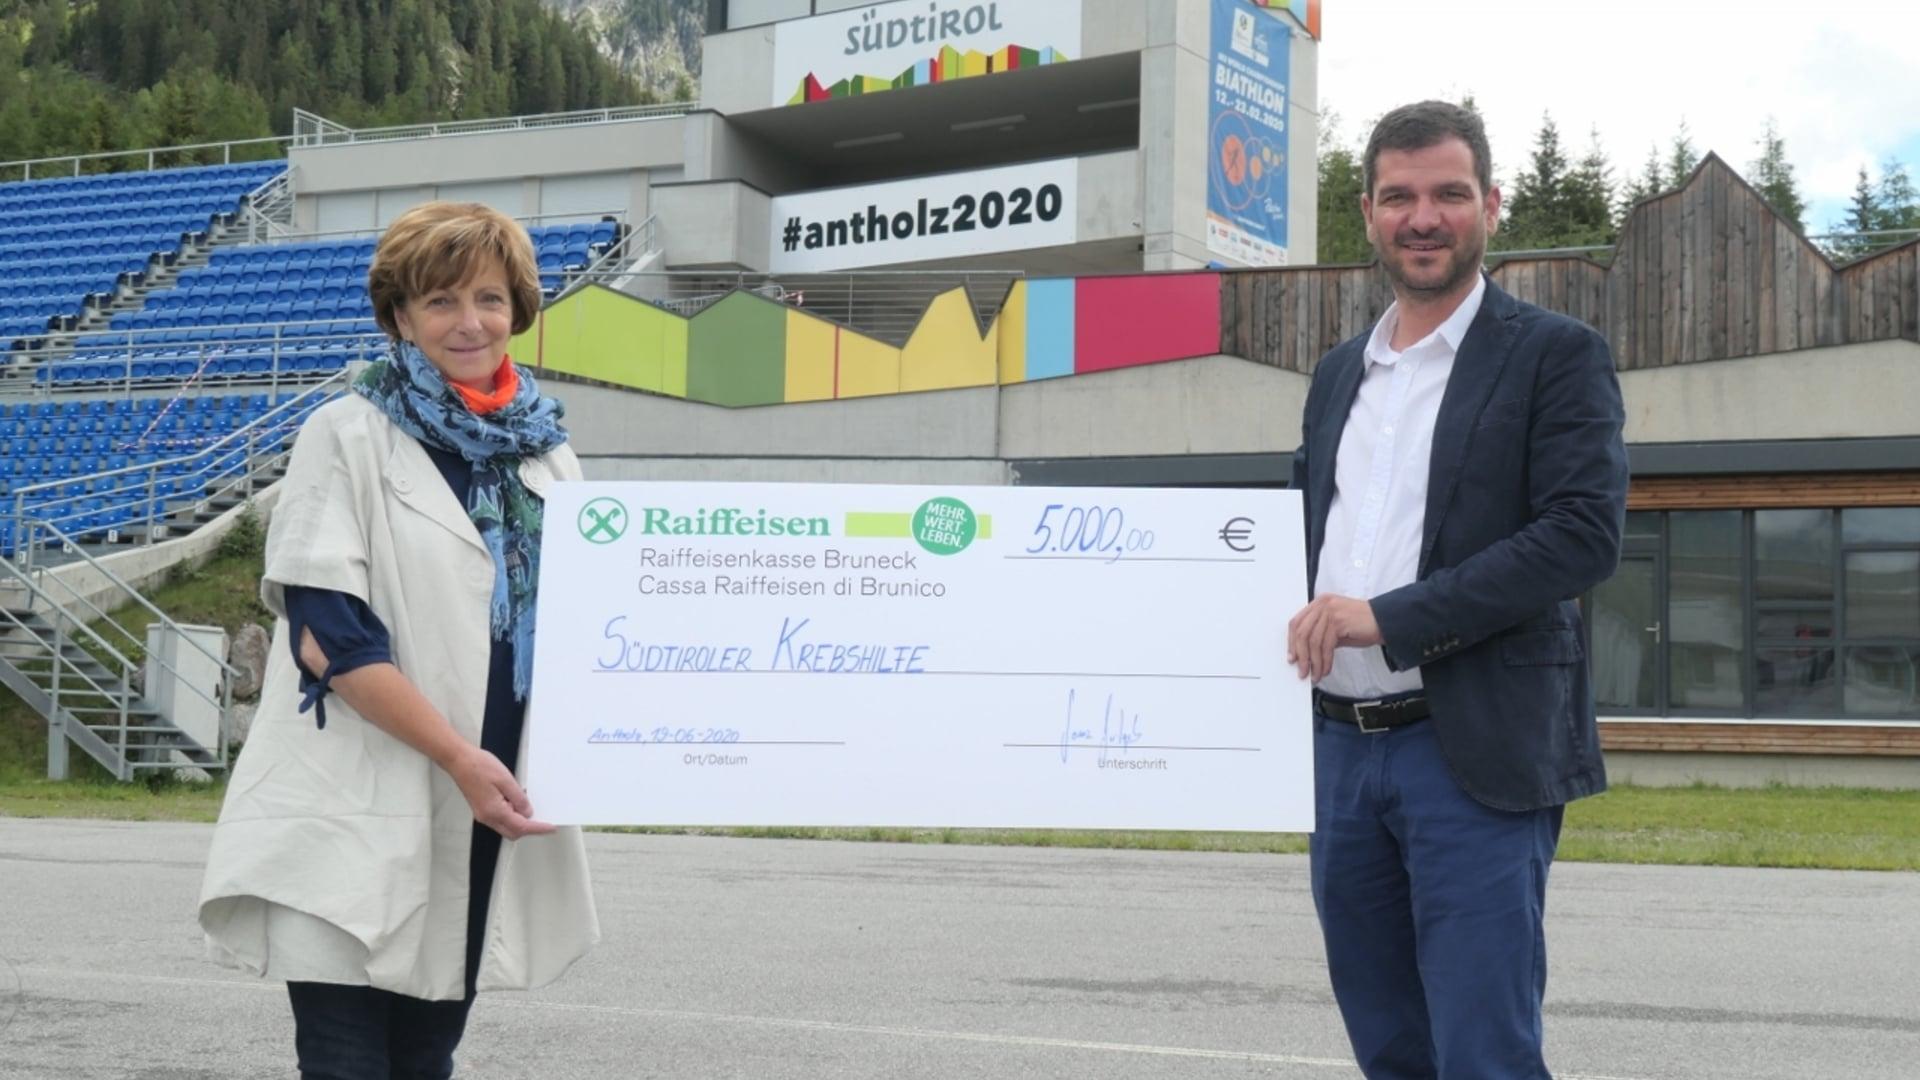 19.06.2020 - Antholzer Biathlon-WM unterstützt Südtiroler Krebshilfe